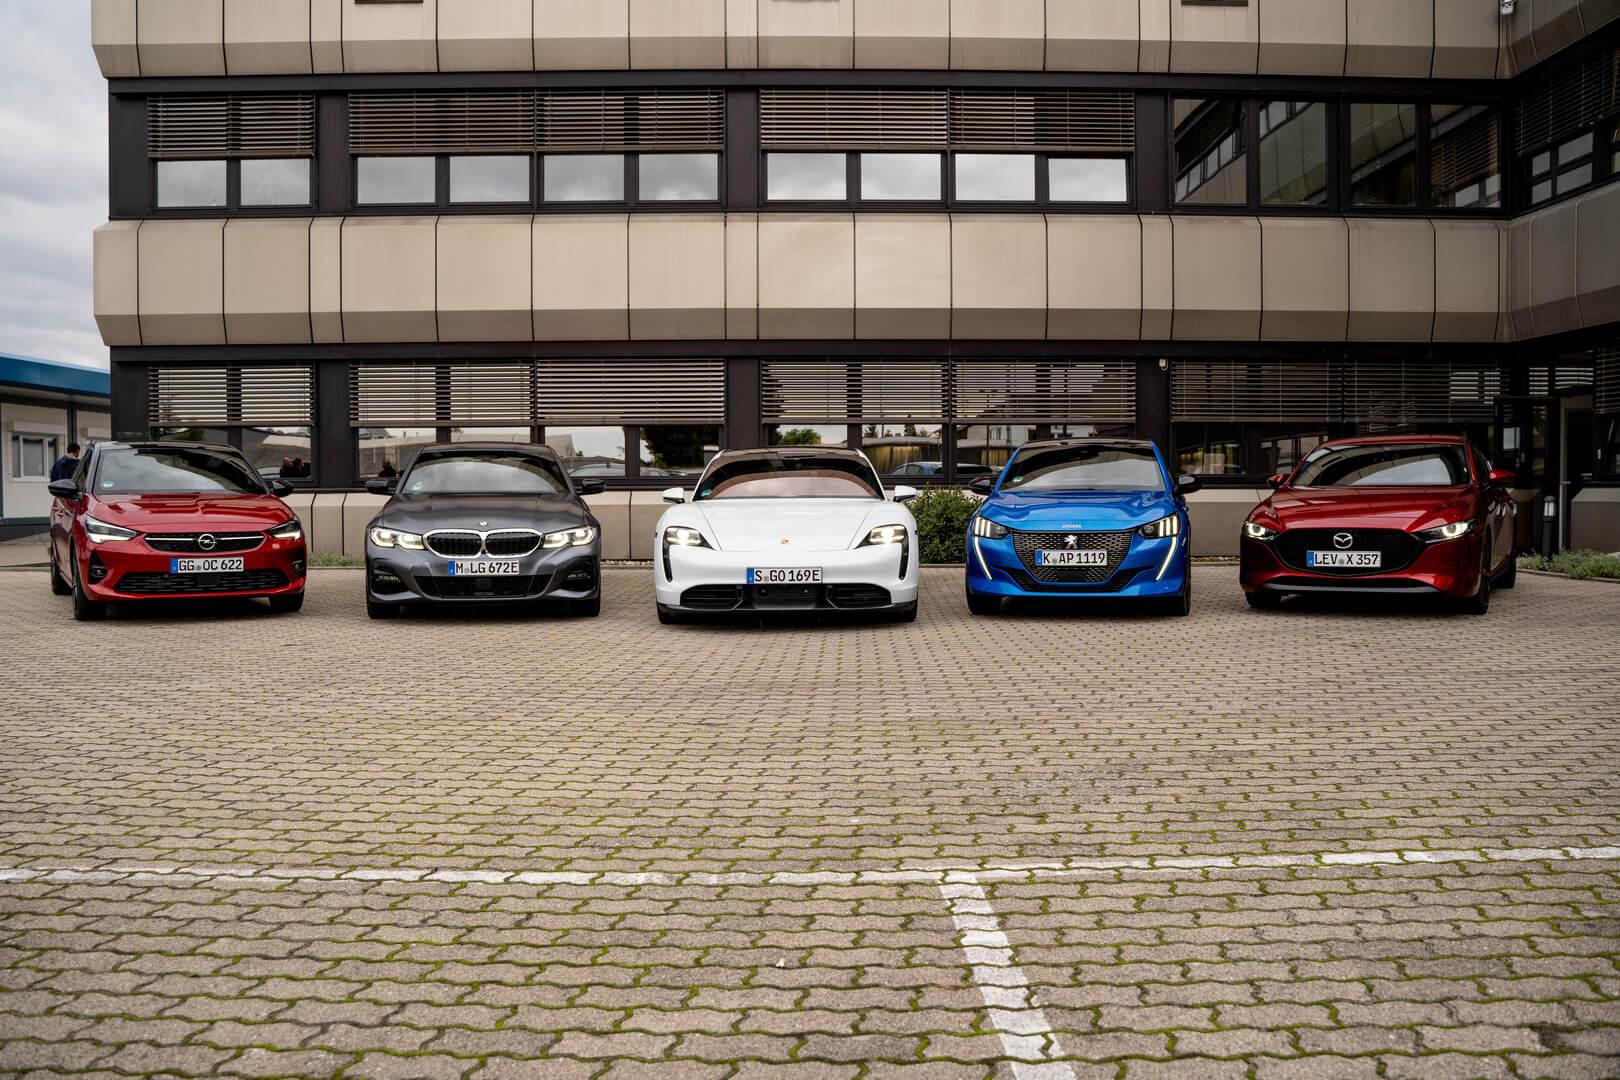 Претенденты на награду «Автомобиль года» в Германии: Opel Corsa, BMW 3 Series, Porsche Taycan, Mazda 3 и Peugeot 208